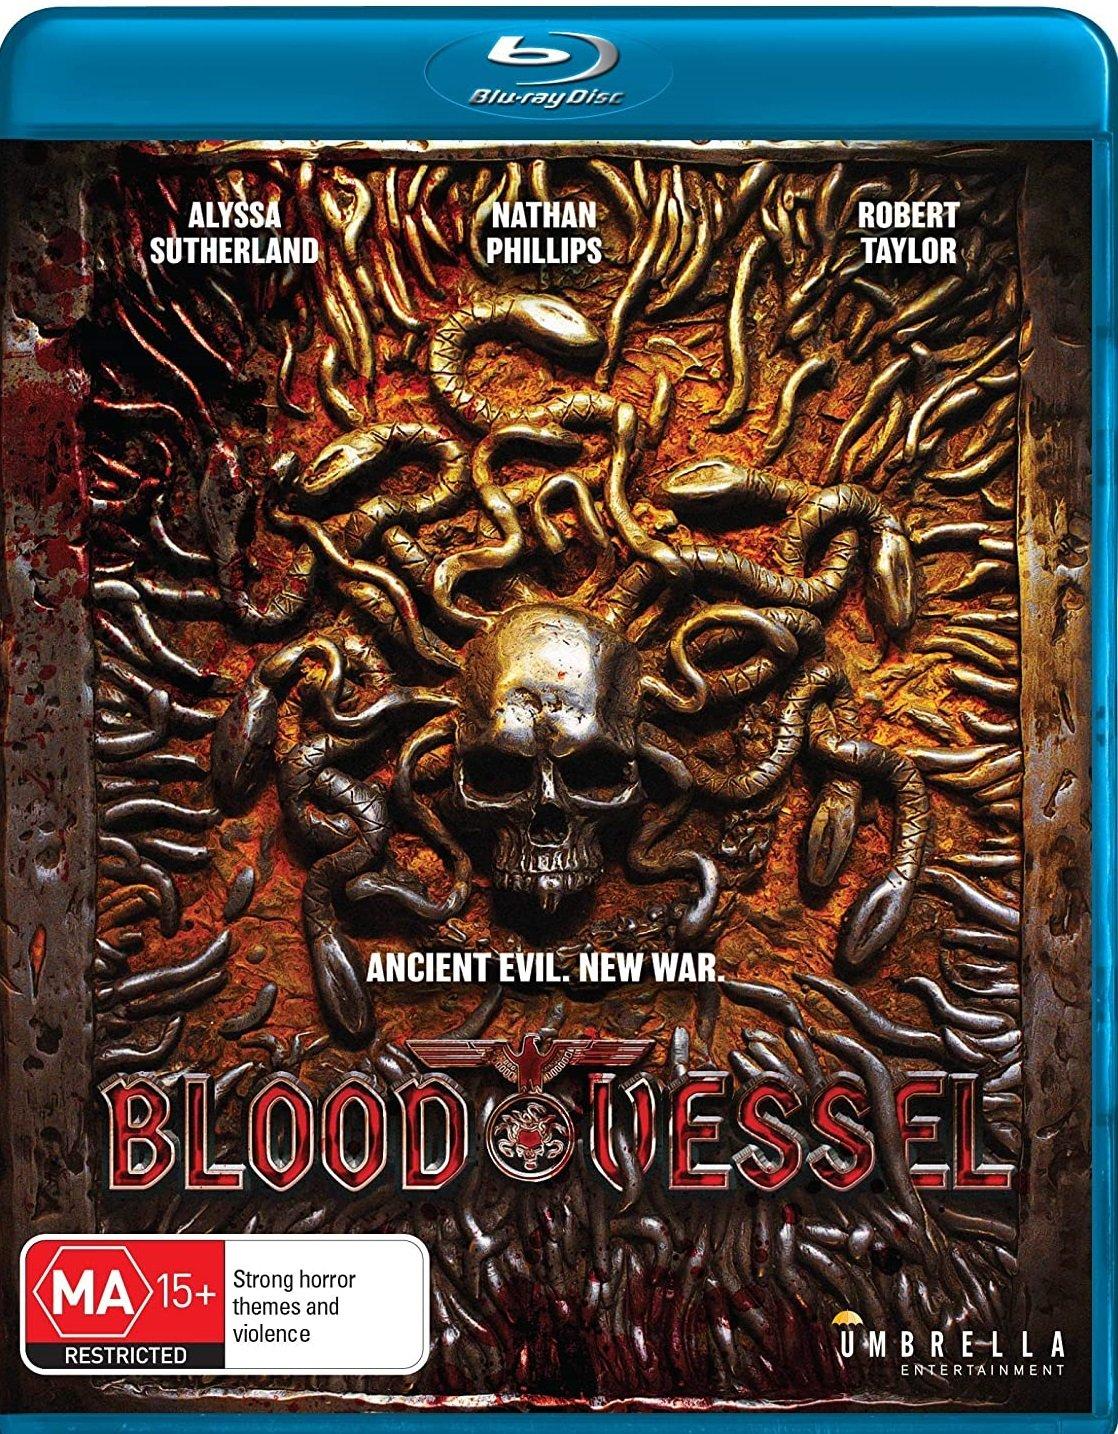 Blood Vessel (2020) poster image